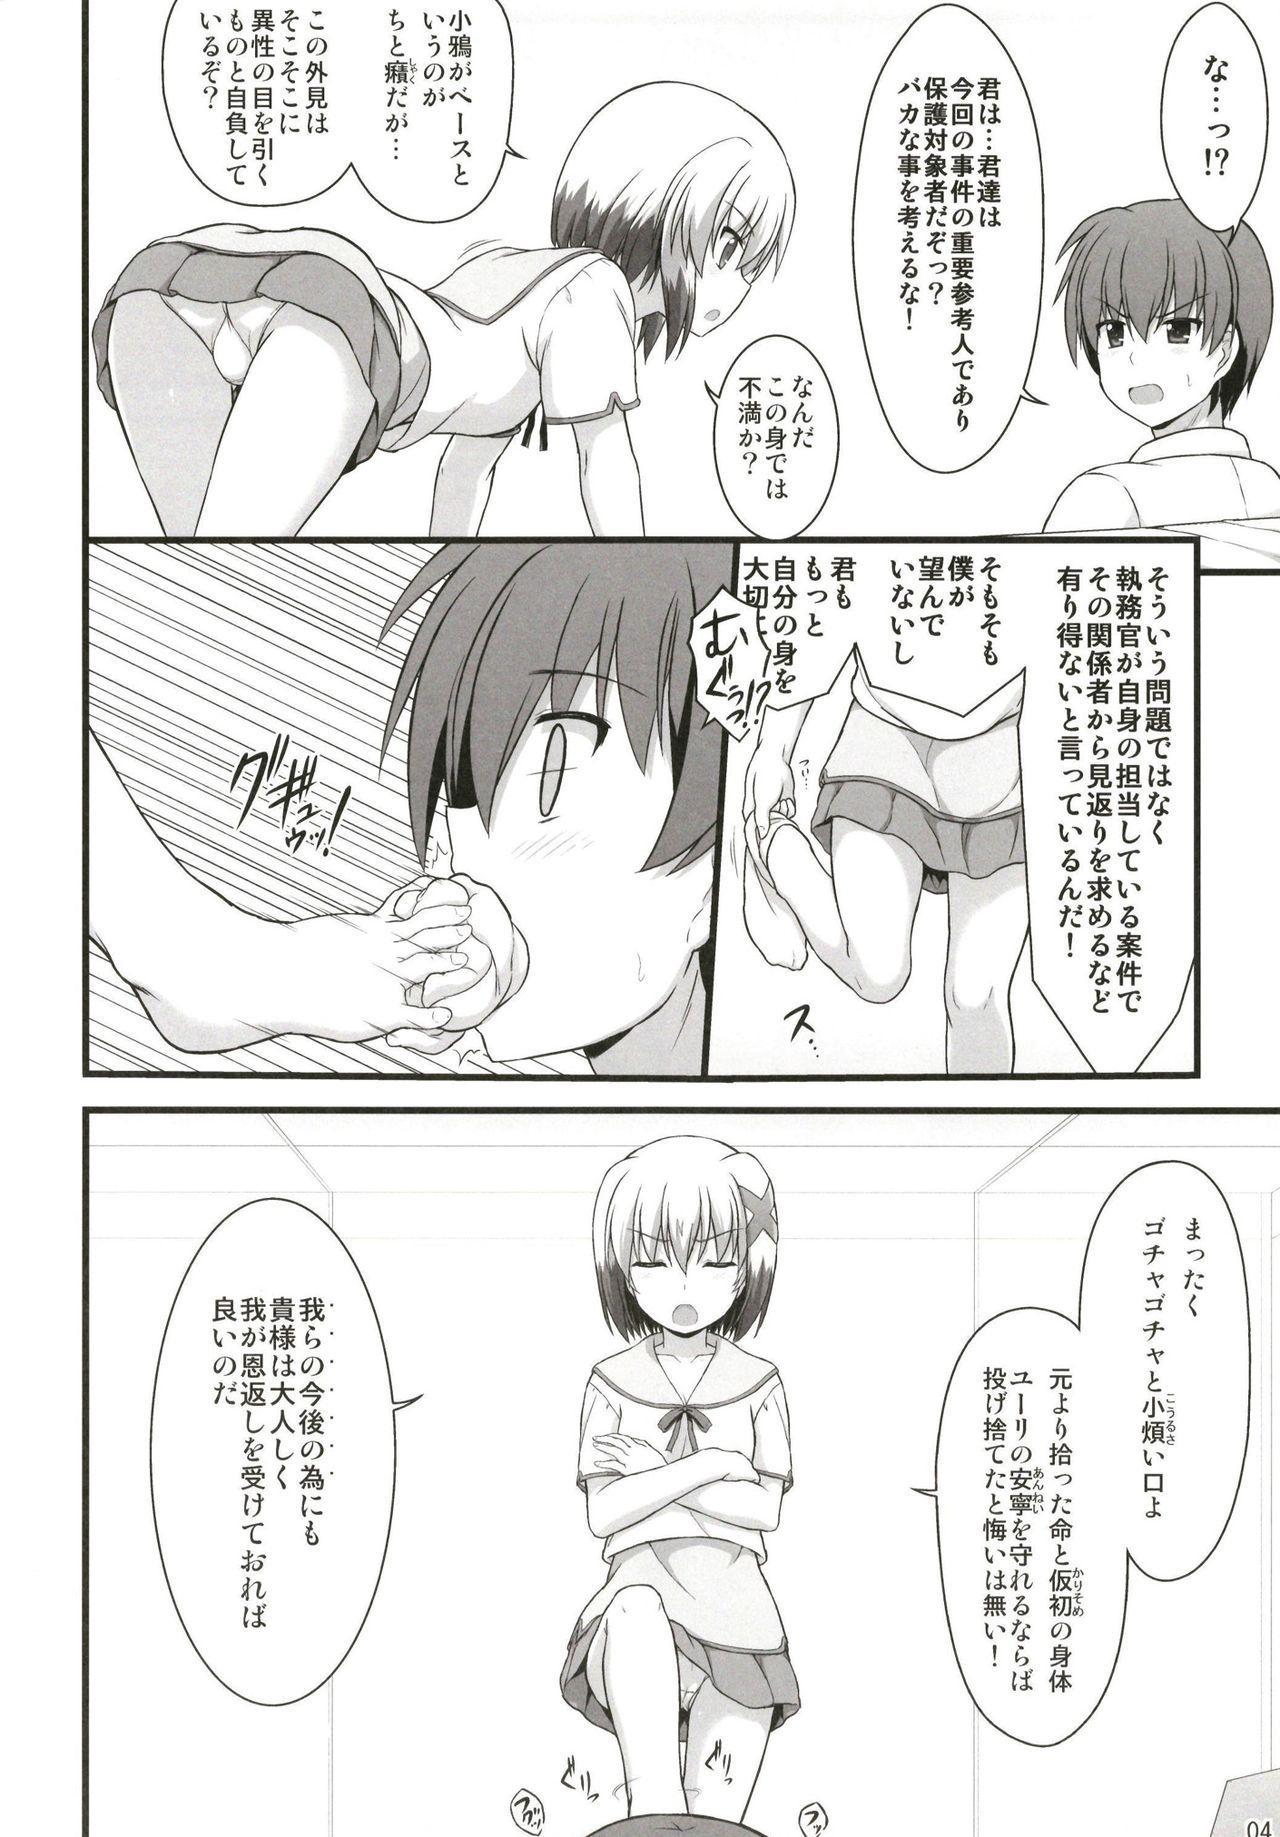 Ou-sama Neko no Ongaeshi 3